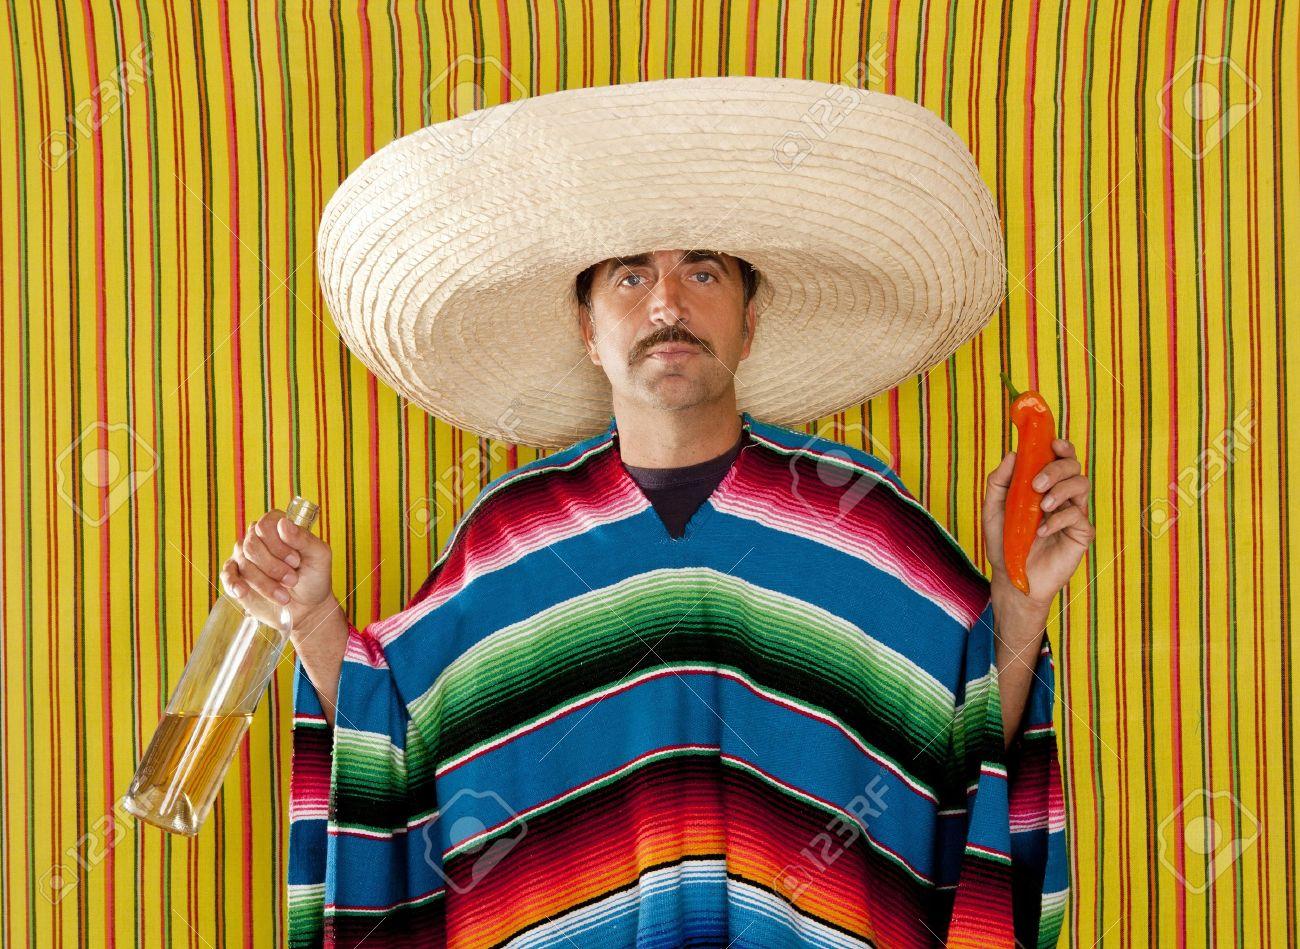 Пьяный мексиканец фото 6 фотография